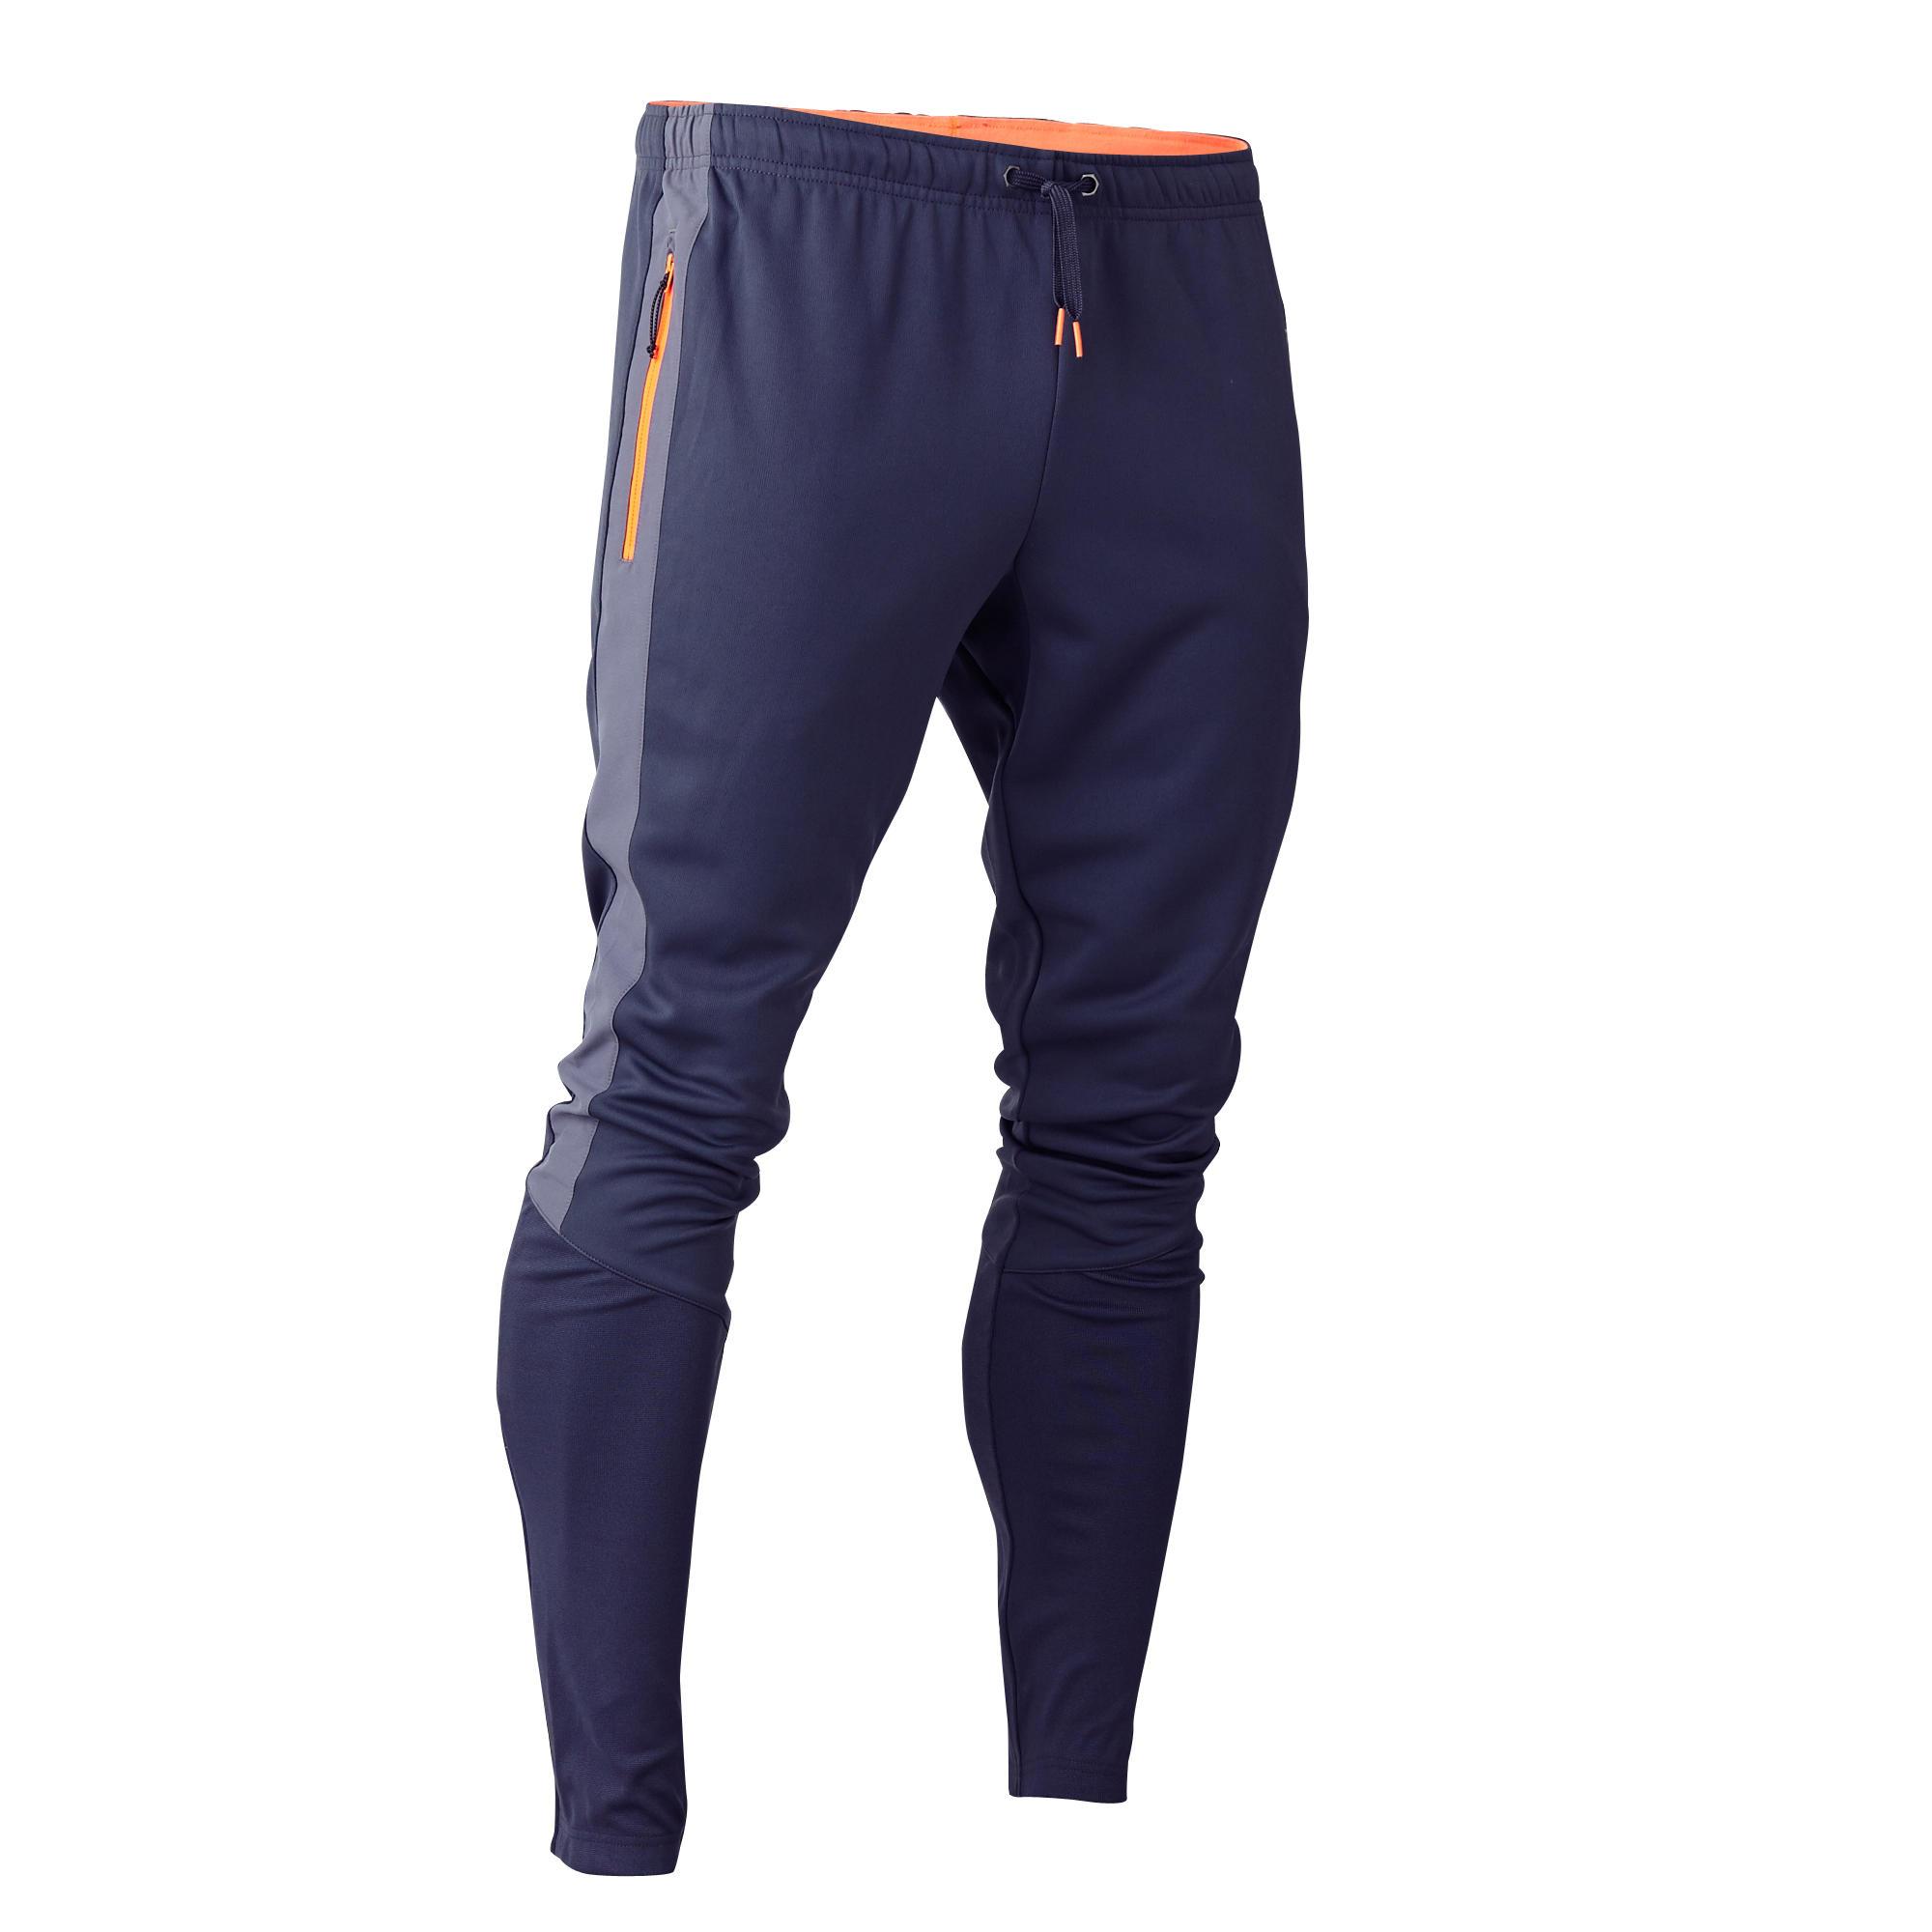 Pantalón de entrenamiento de fútbol para adulto T500 gris naranja